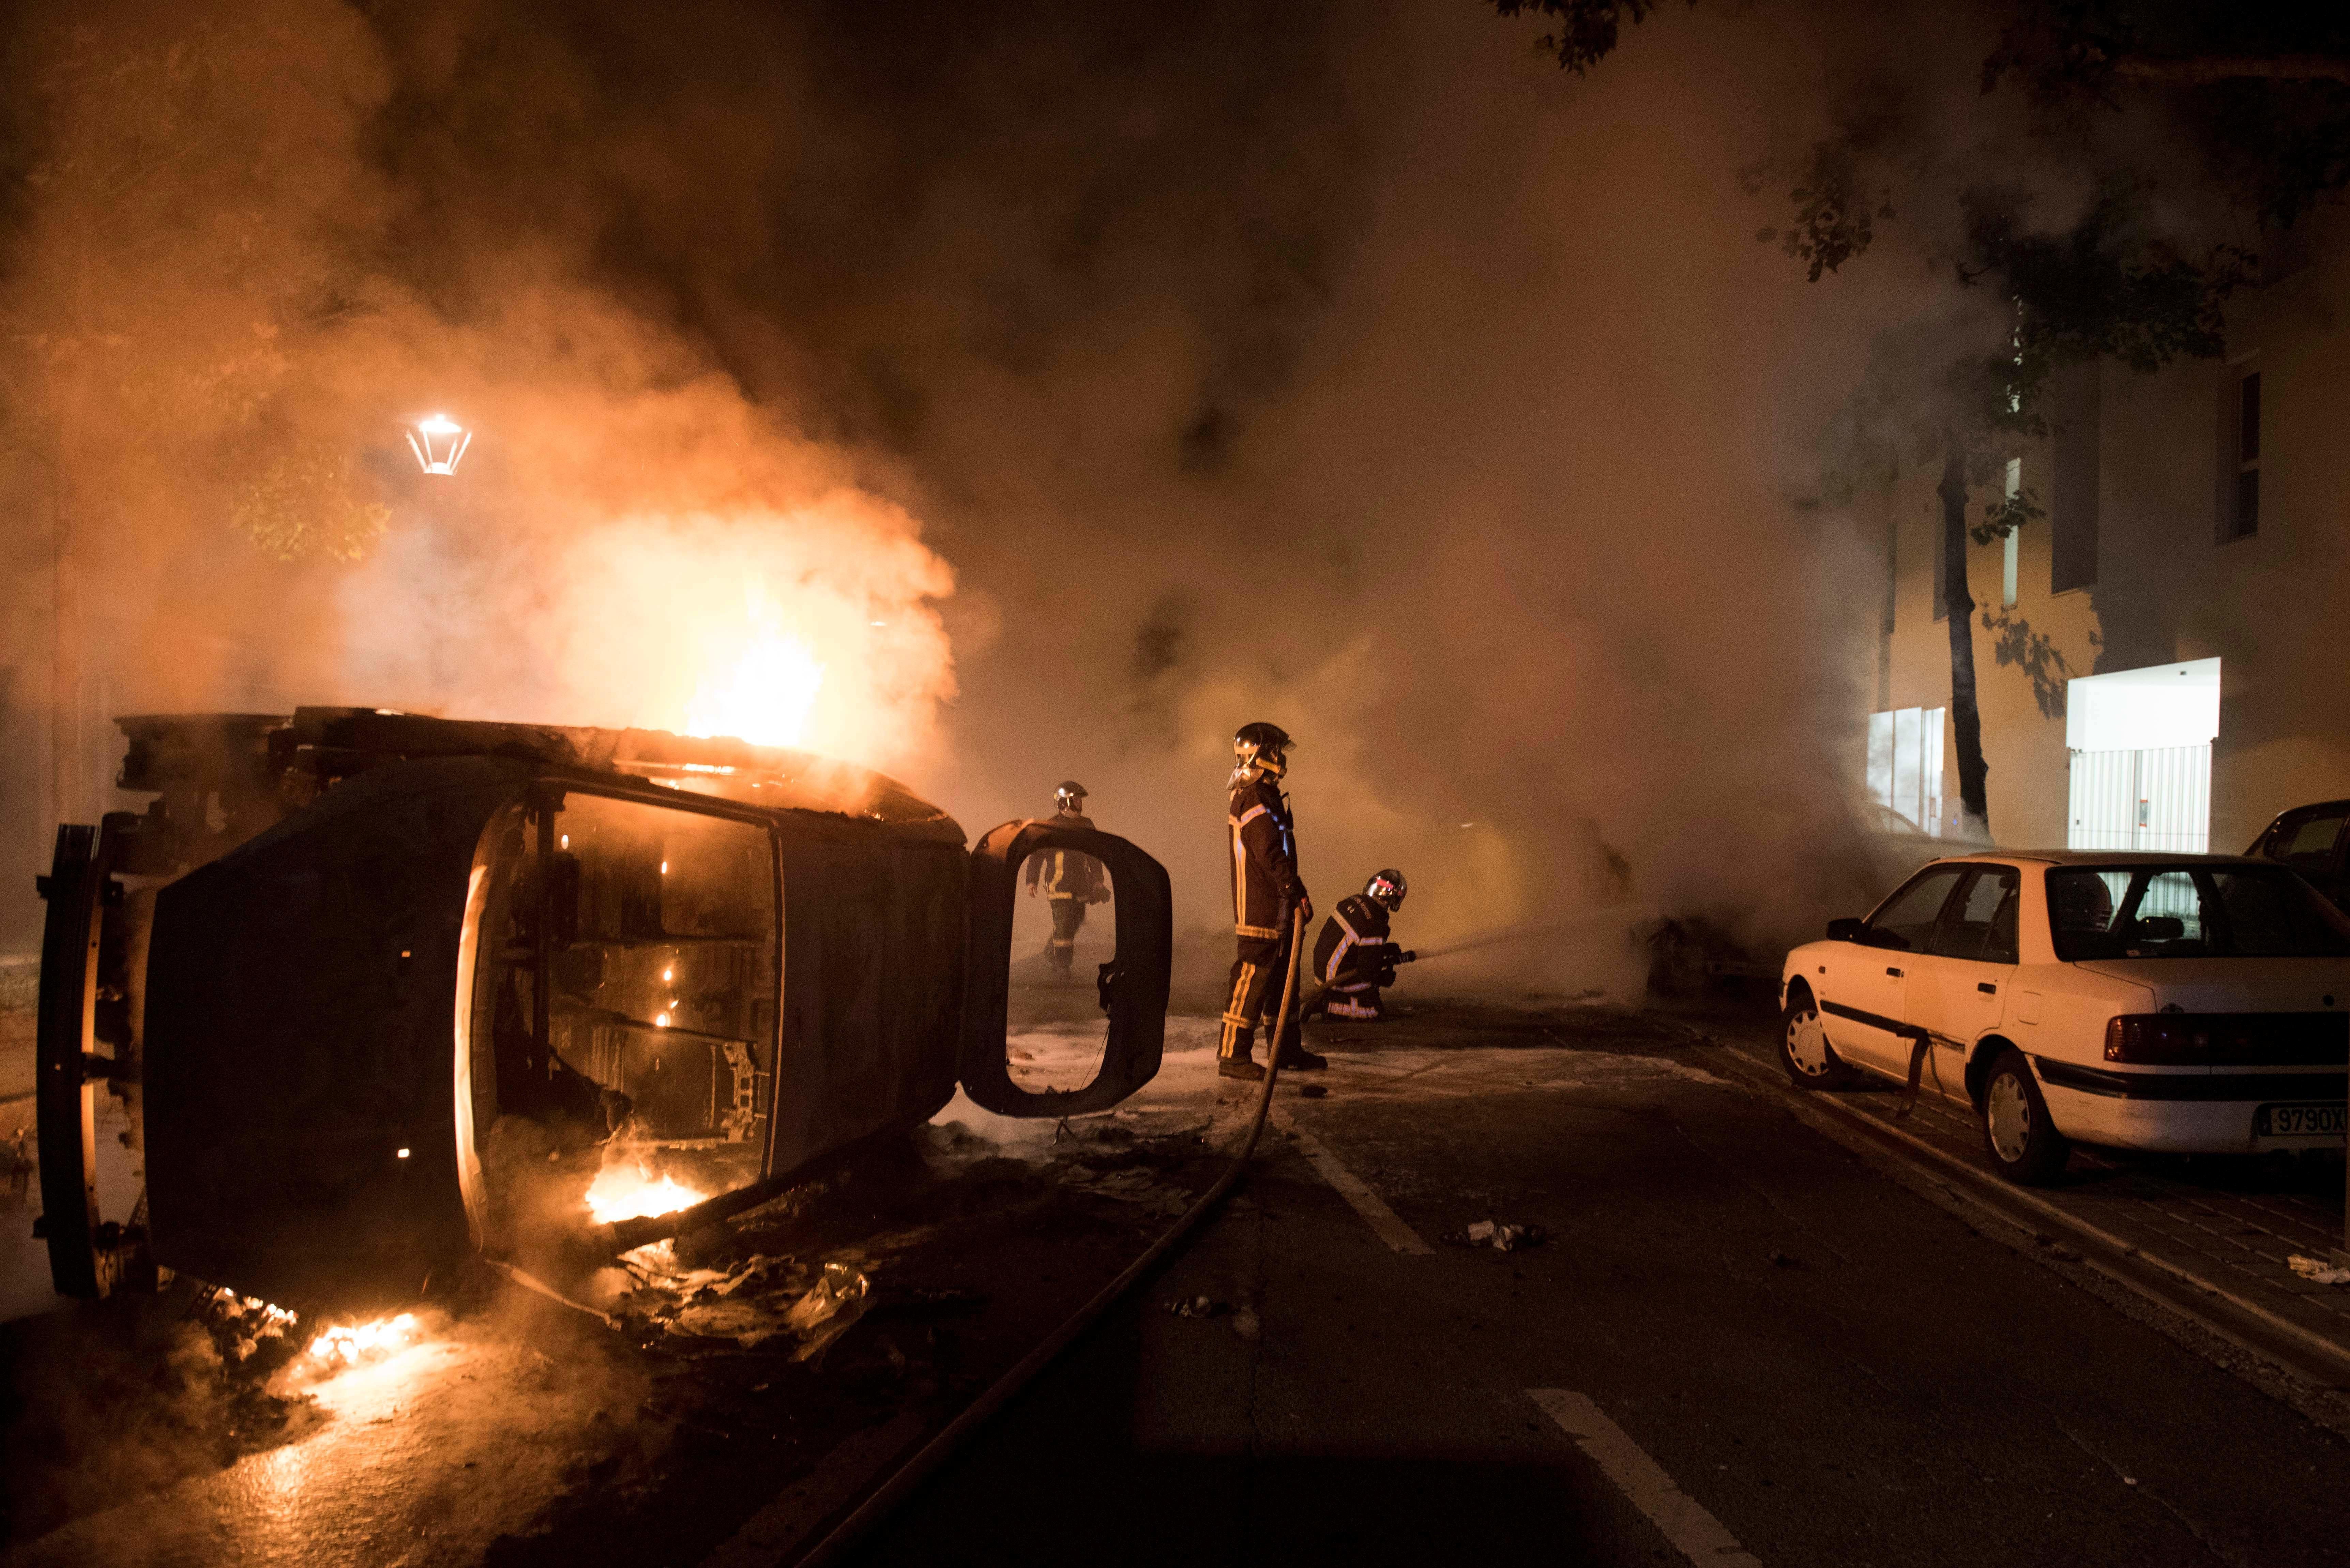 Γαλλία: Νεαρός σκοτώθηκε από σφαίρα αστυνομικού στη Νάντη, εκτεταμένα επεισόδια στη συνοικία